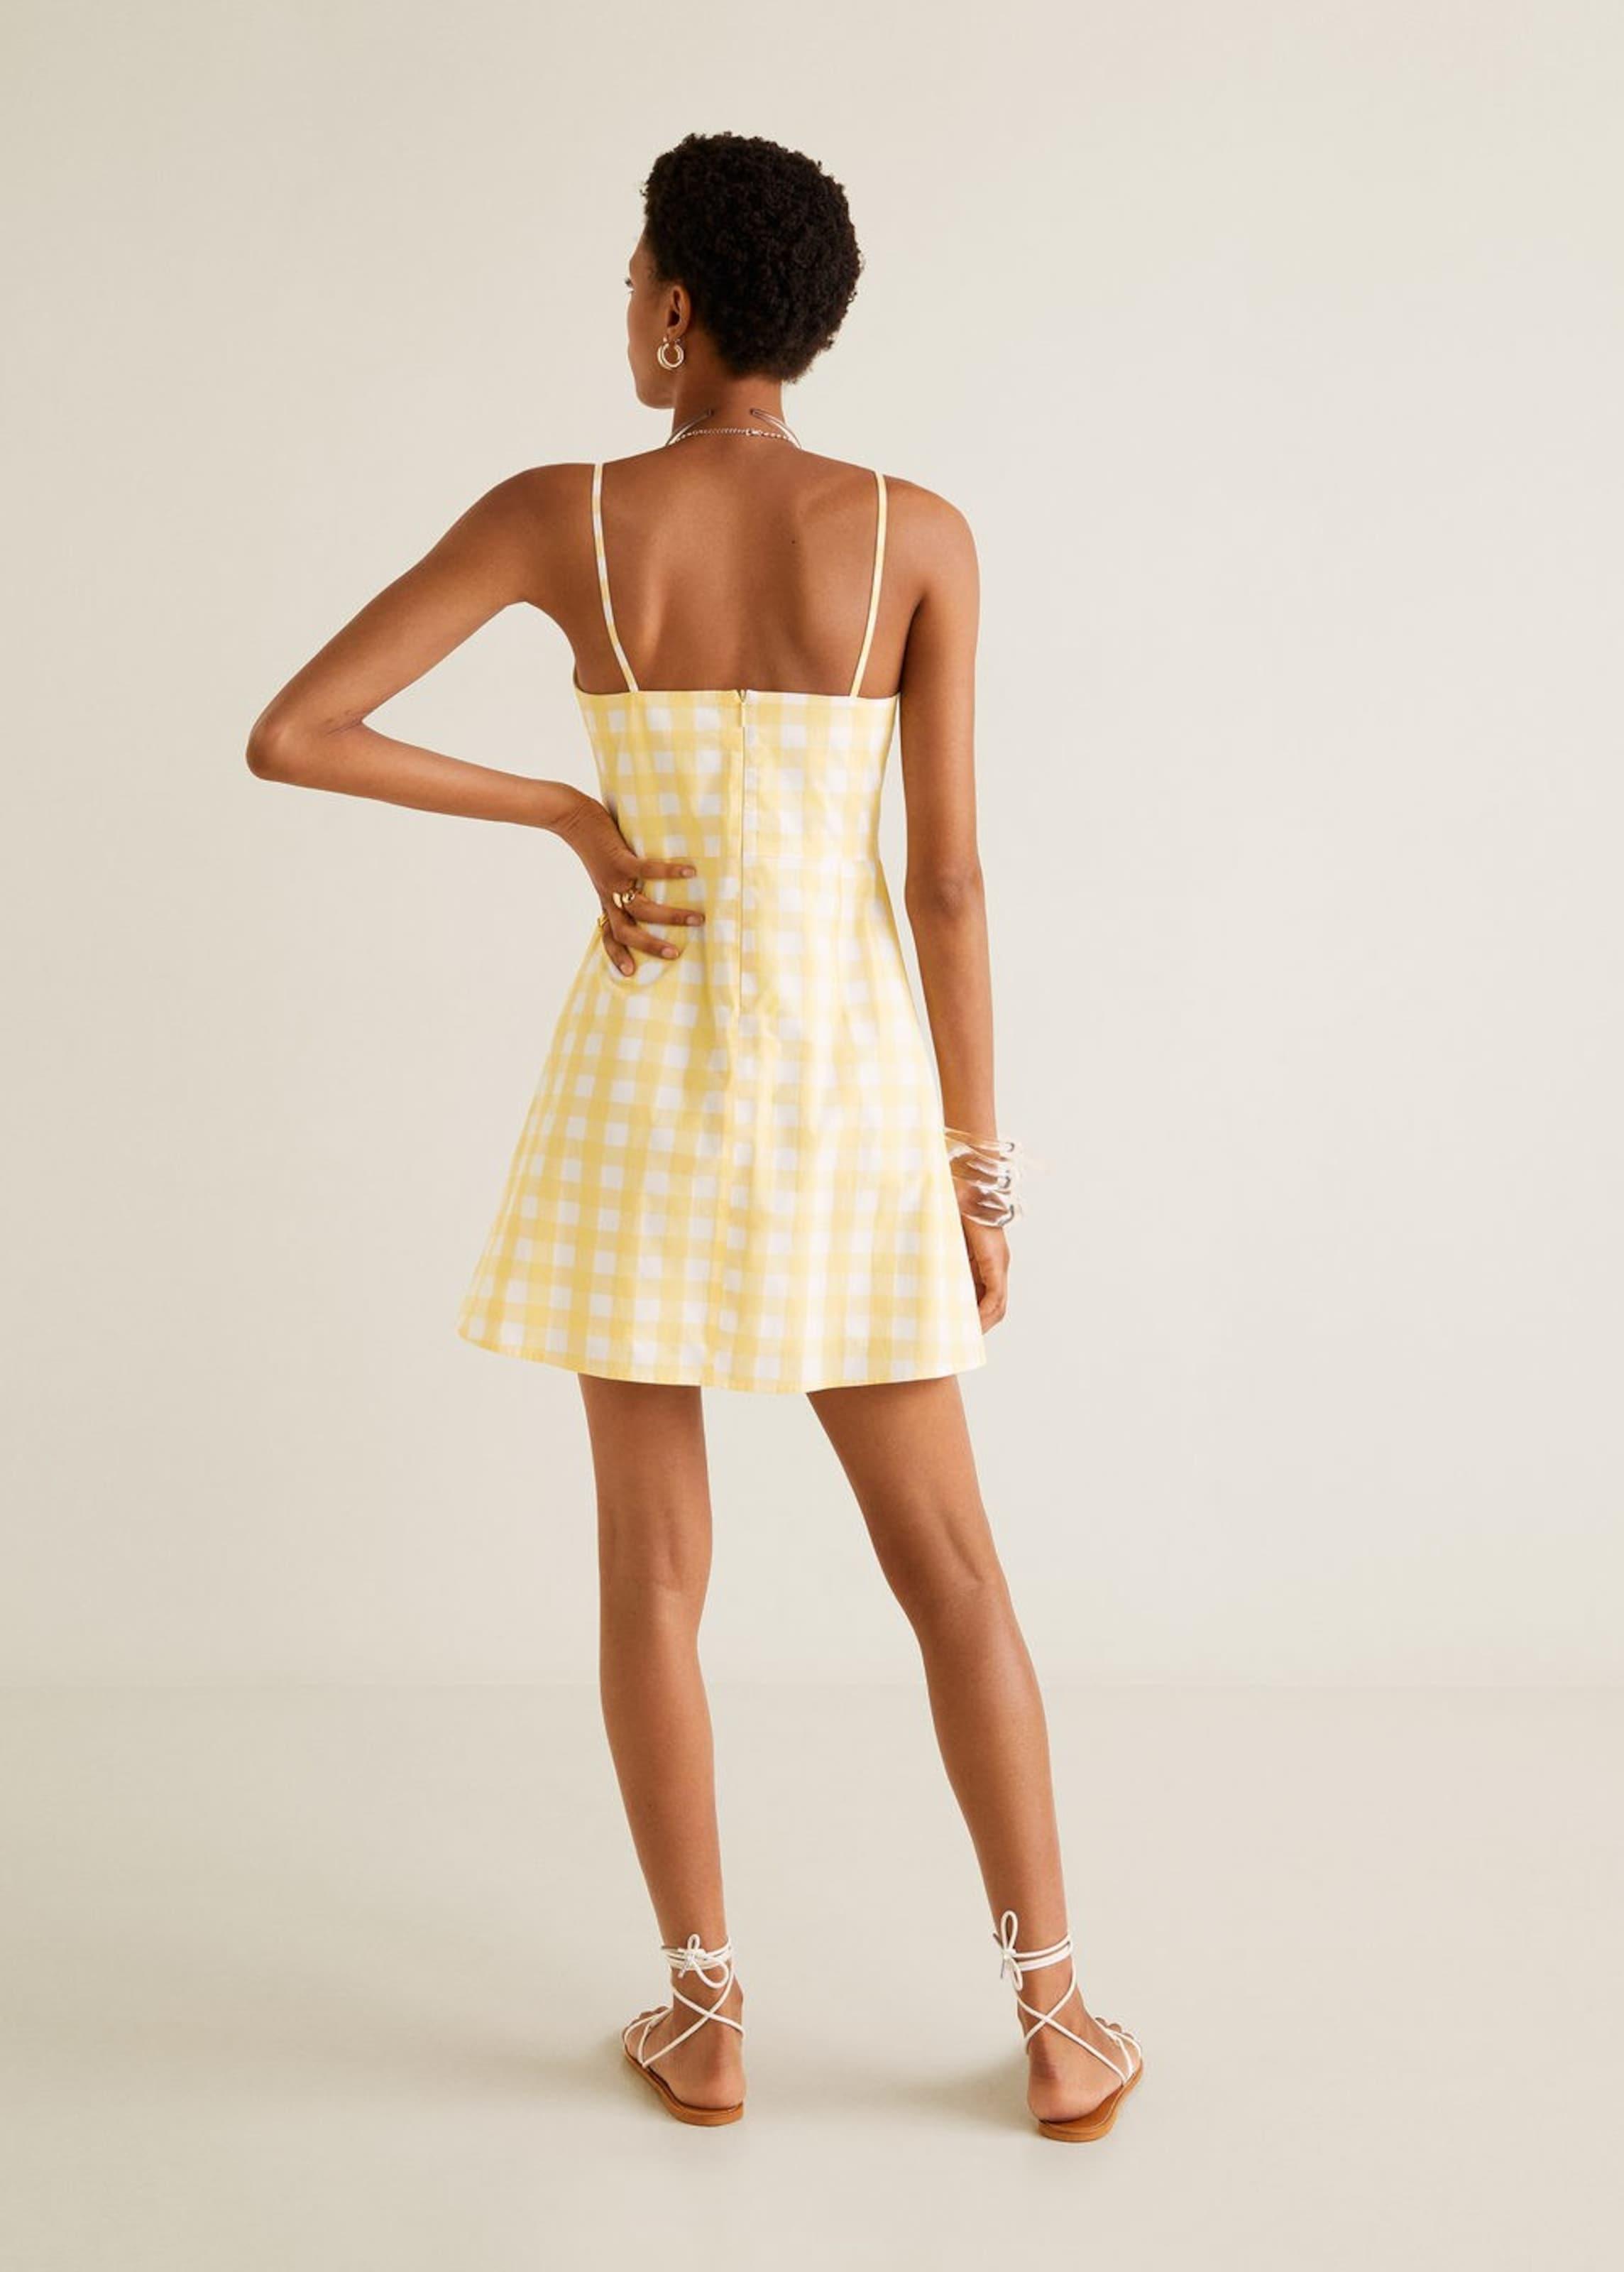 'lacito' Mango Kleid 'lacito' In Kleid In GelbWeiß Mango L5ARj34